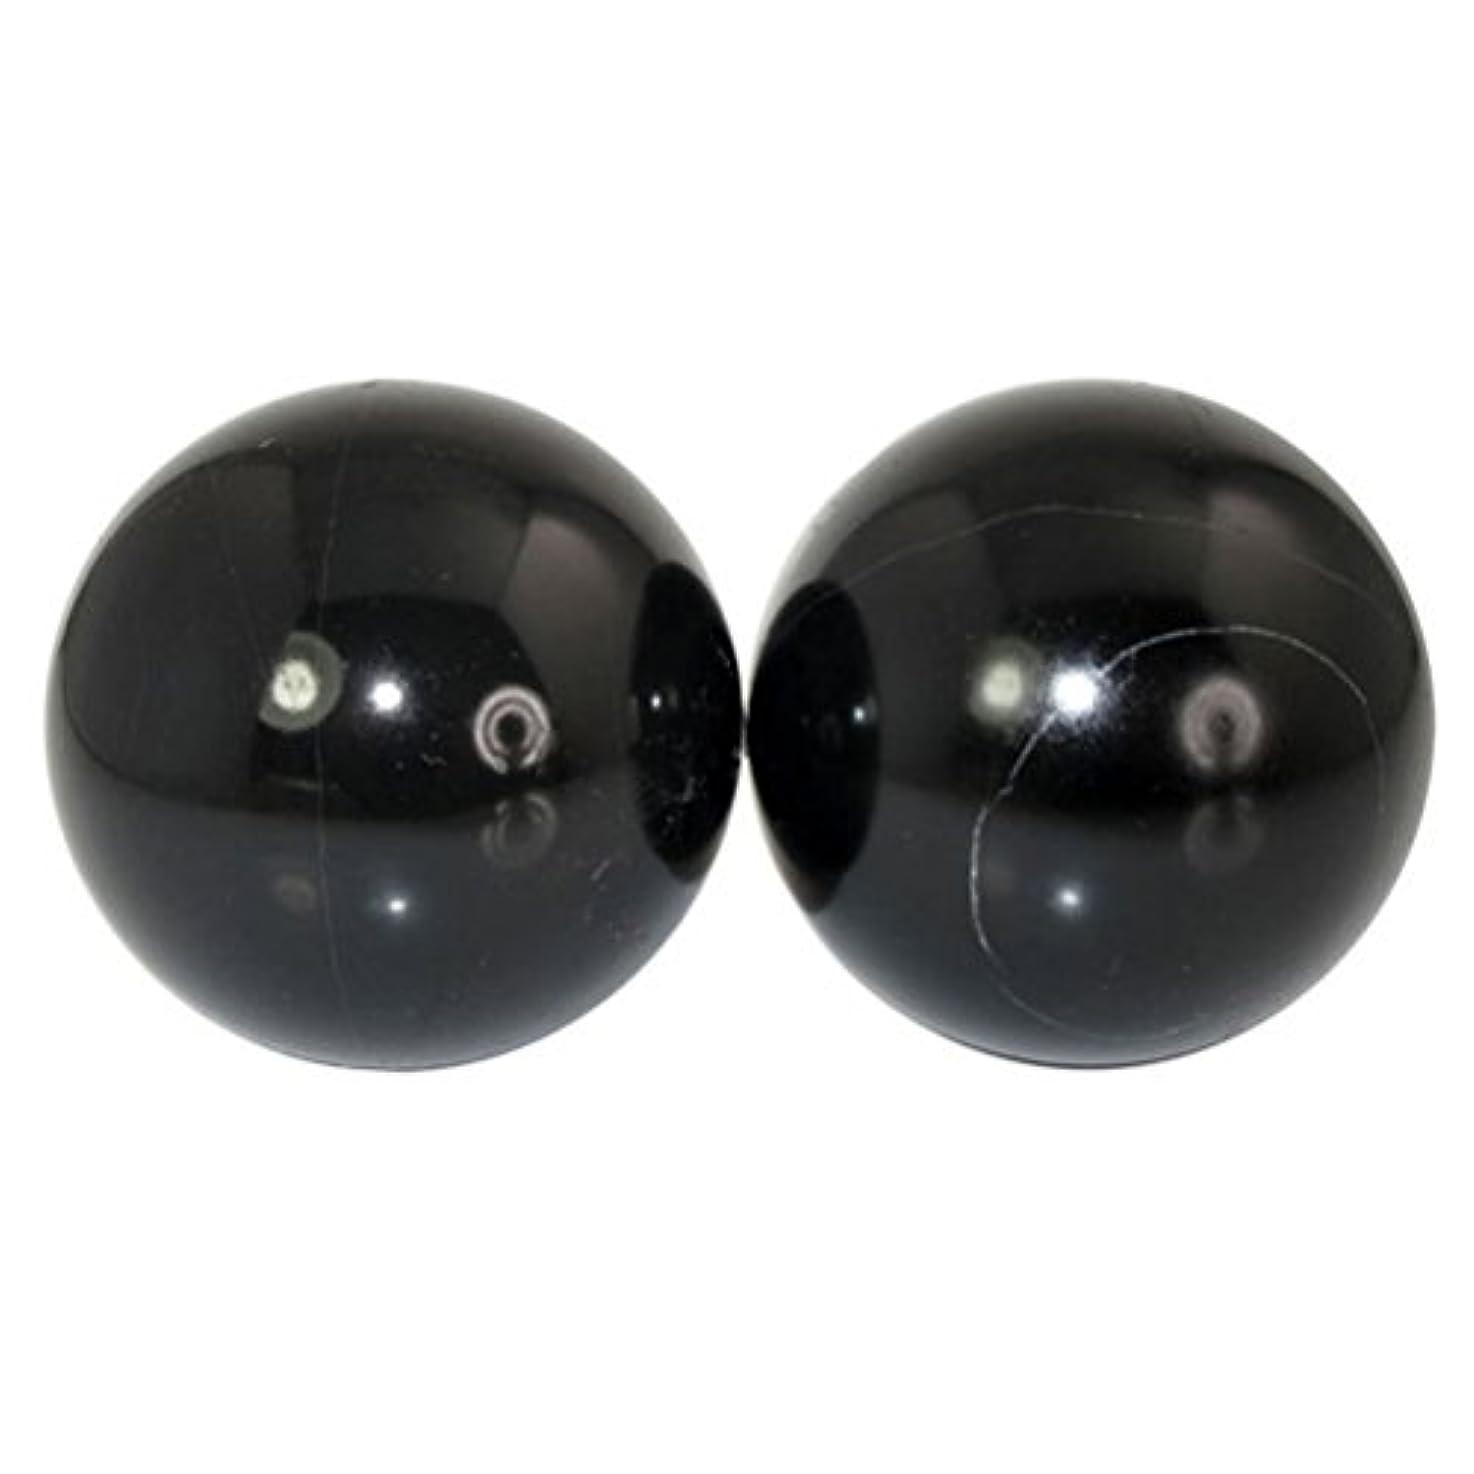 使役アレキサンダーグラハムベル実質的ROSENICE 2個 ハンドエクササイズボール ハンドセラピーストレスレリーフ(黑)